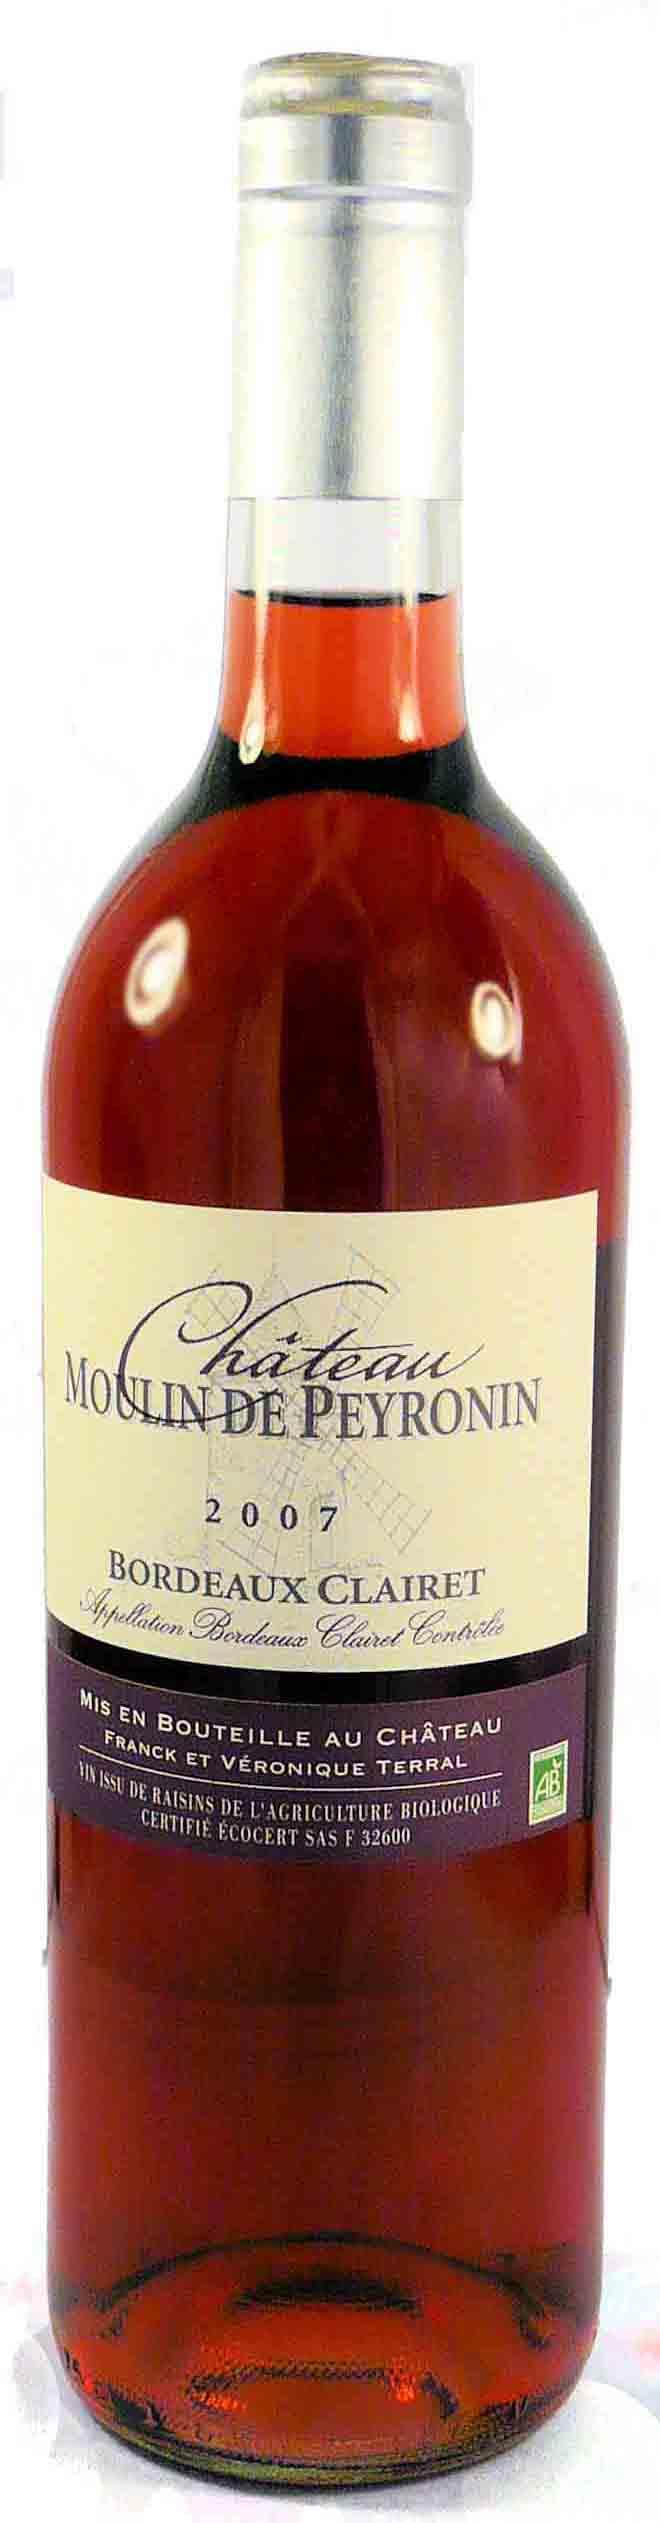 Château Moulin de Peyronin 2011 – Bordeaux Clairet